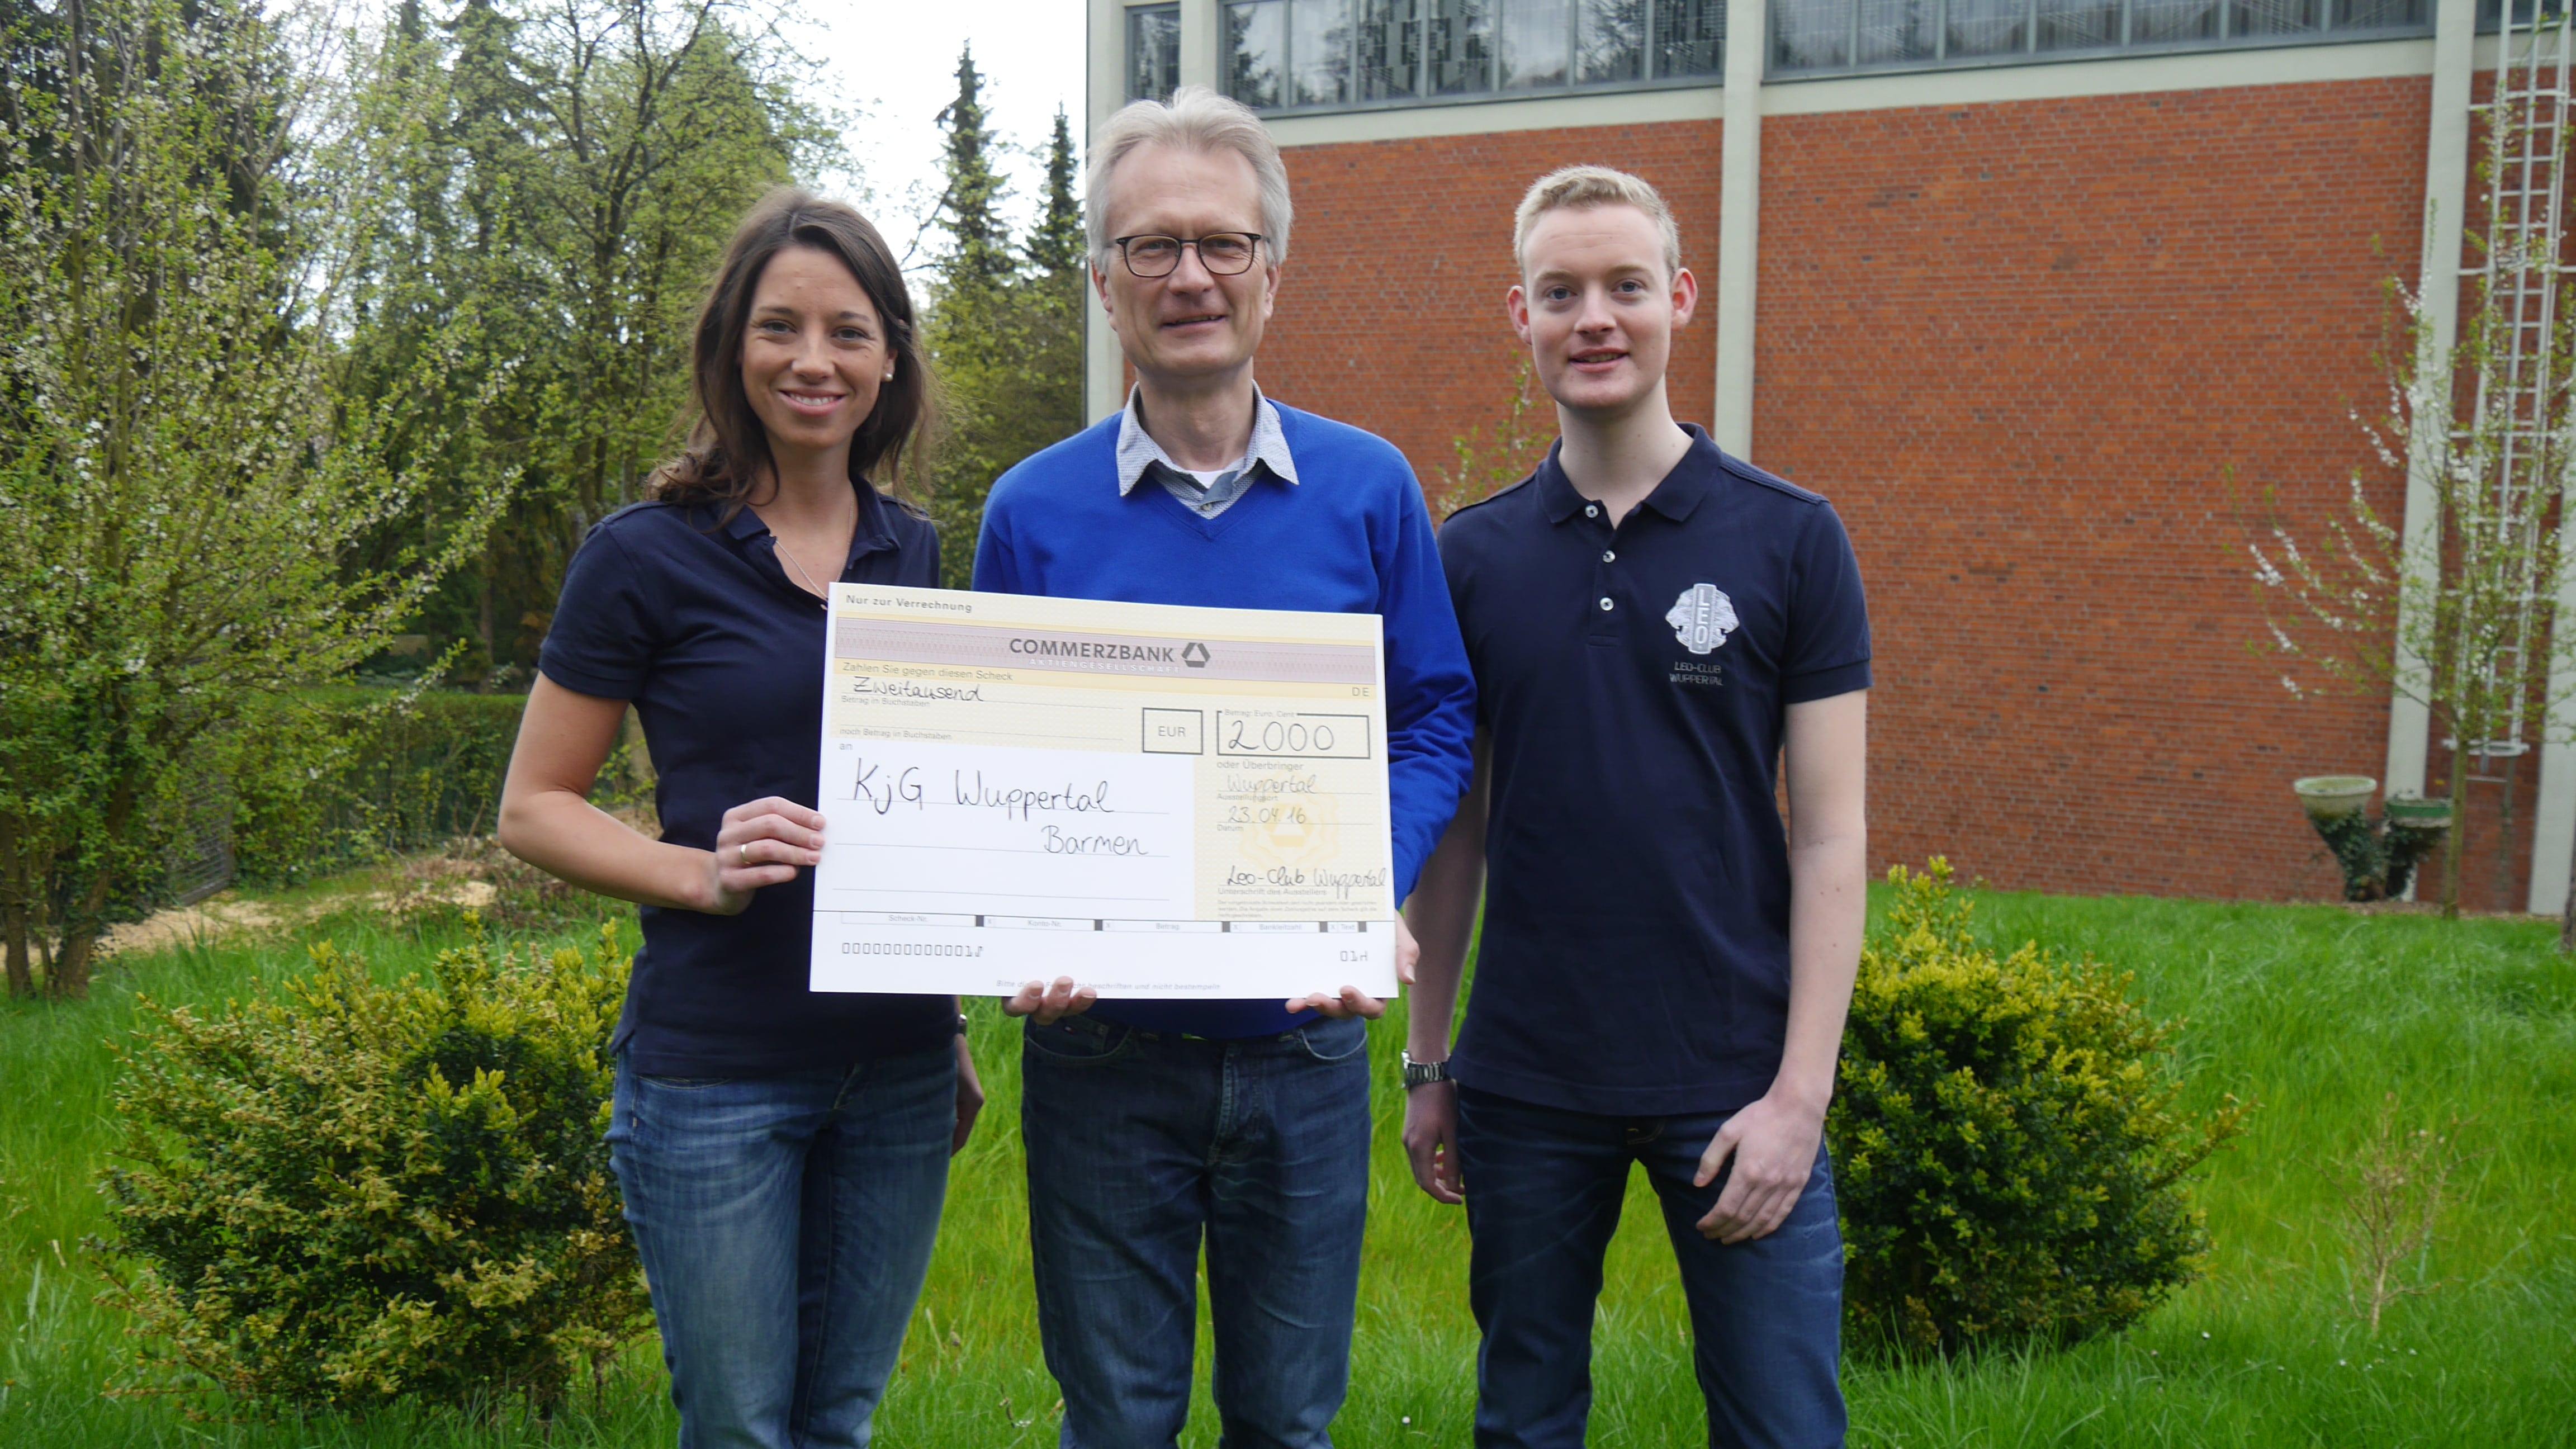 Leo-Club Wuppertal unterstützt das Sommerlager der KjG Wuppertal-Barmen mit 2000€